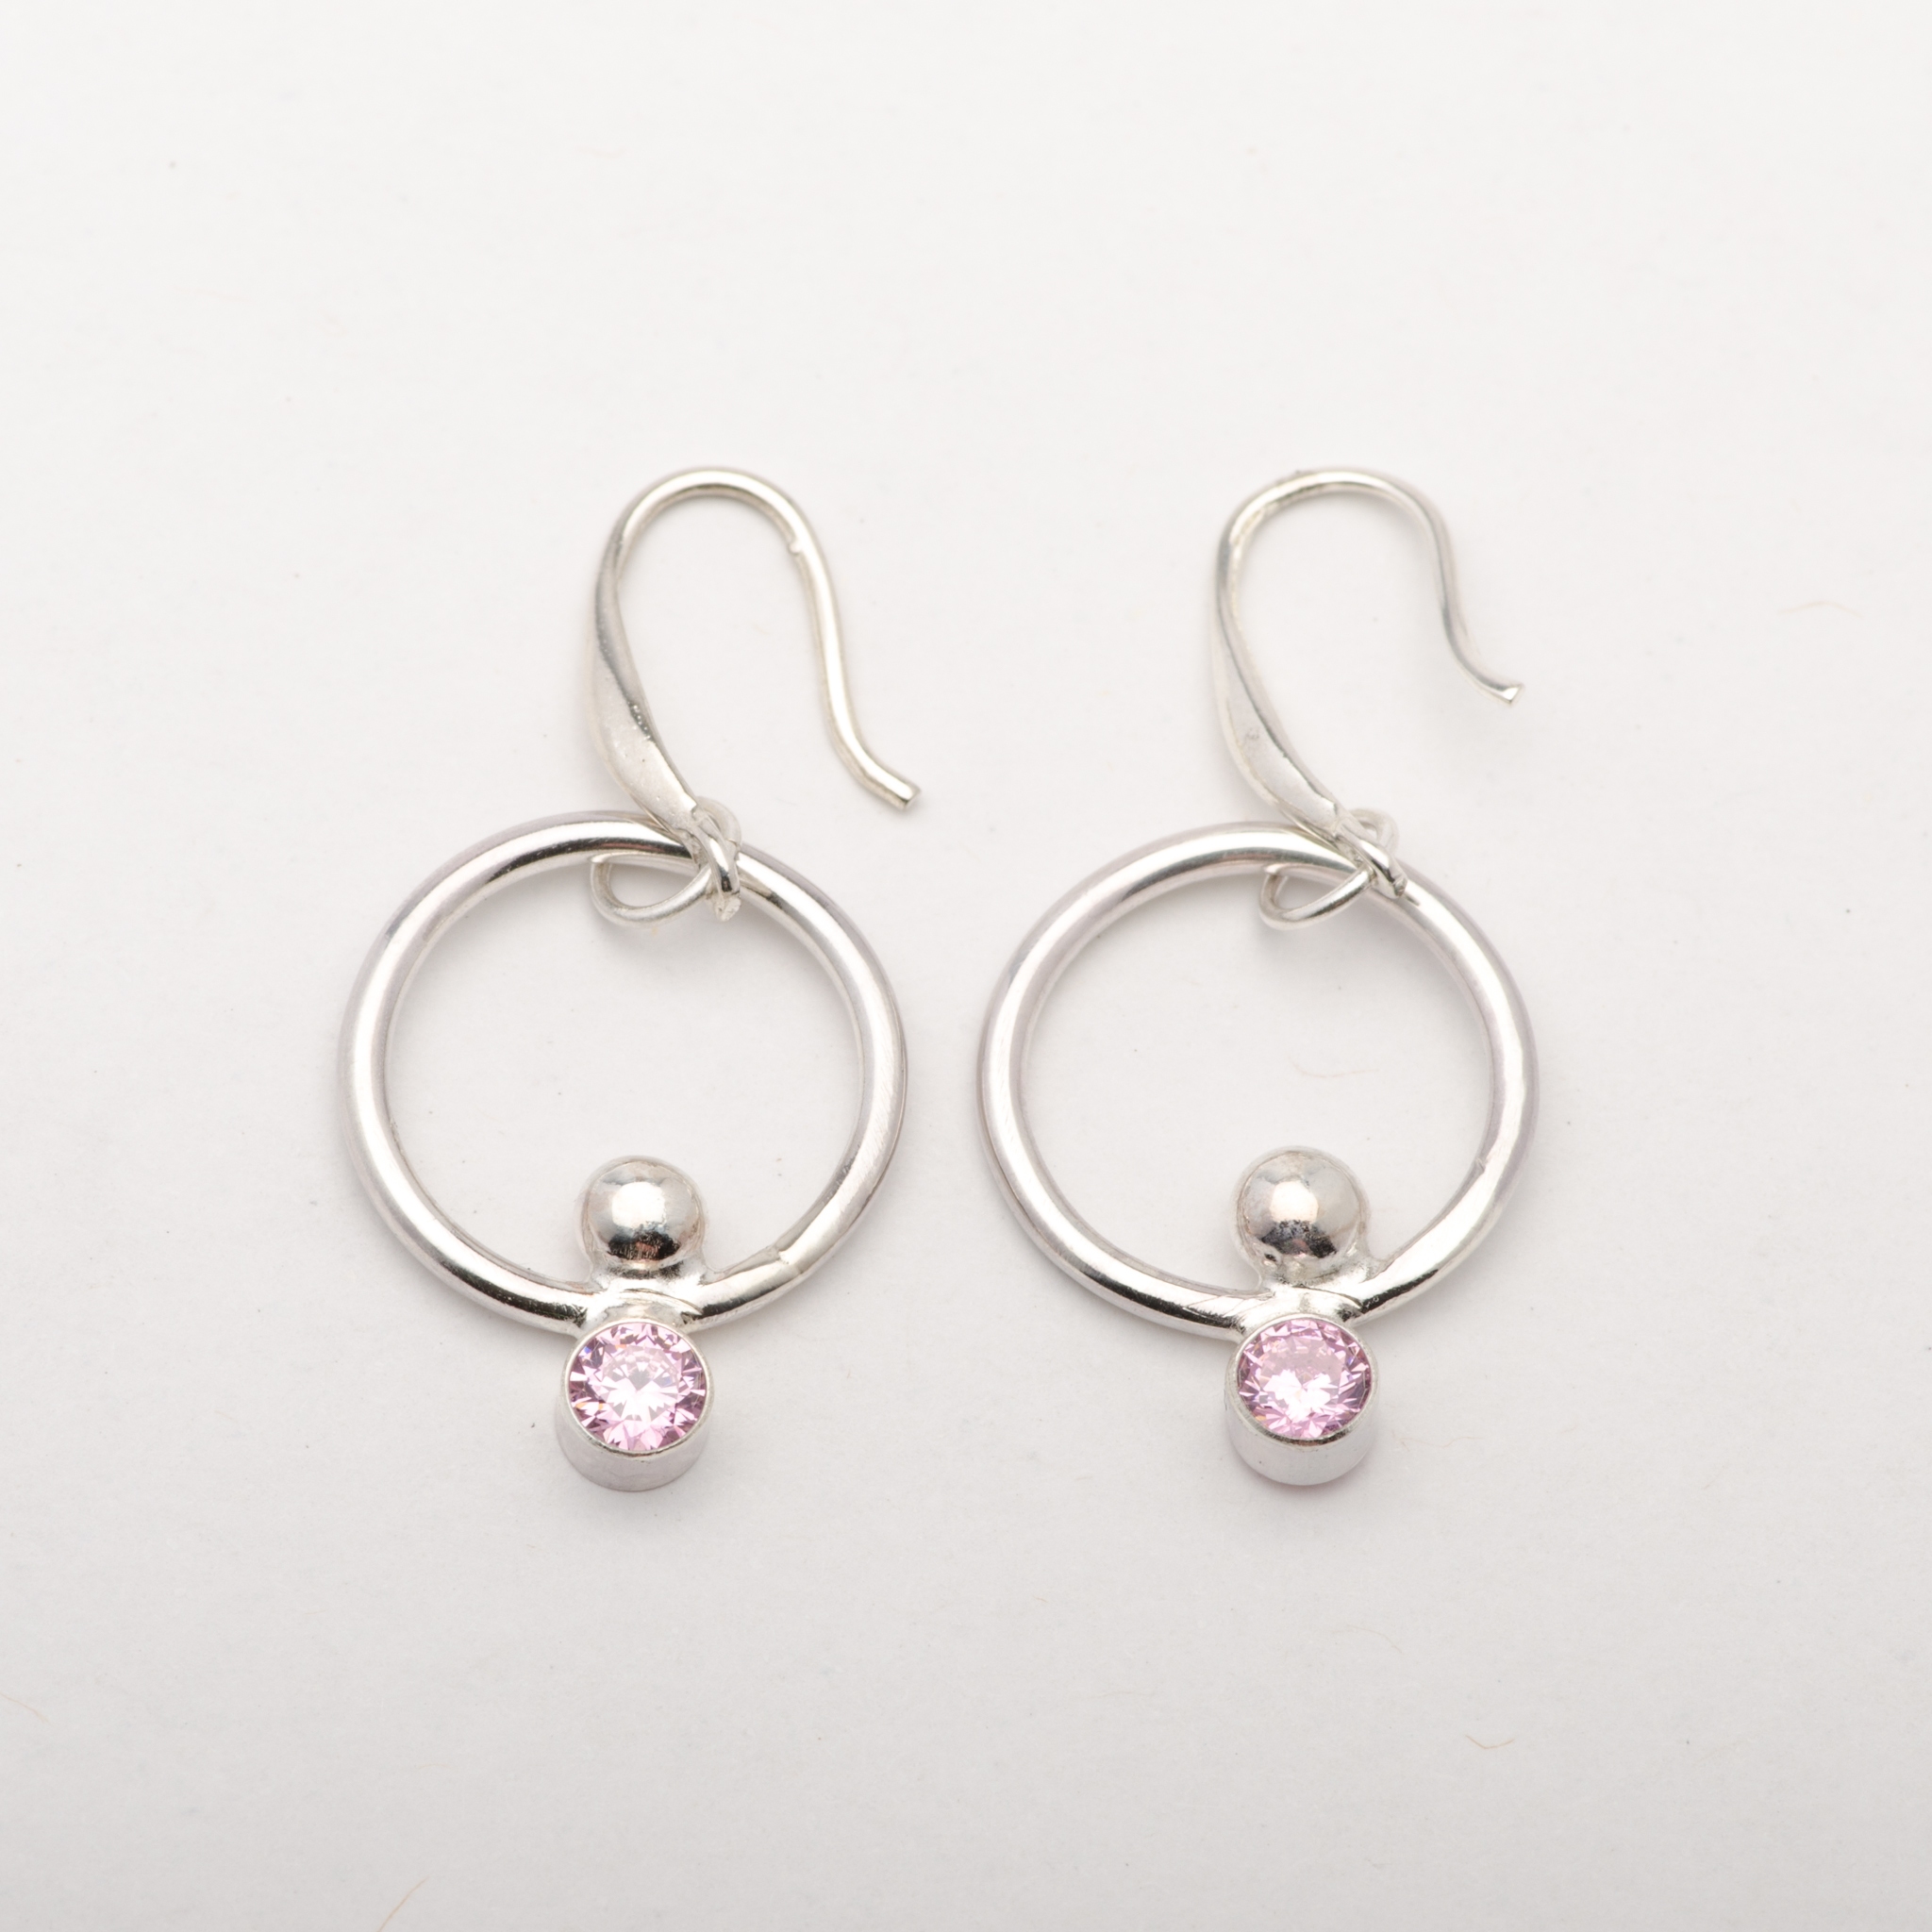 Earrings Round Geometric Sterling Silver Pink Zirconia Women Jewelry